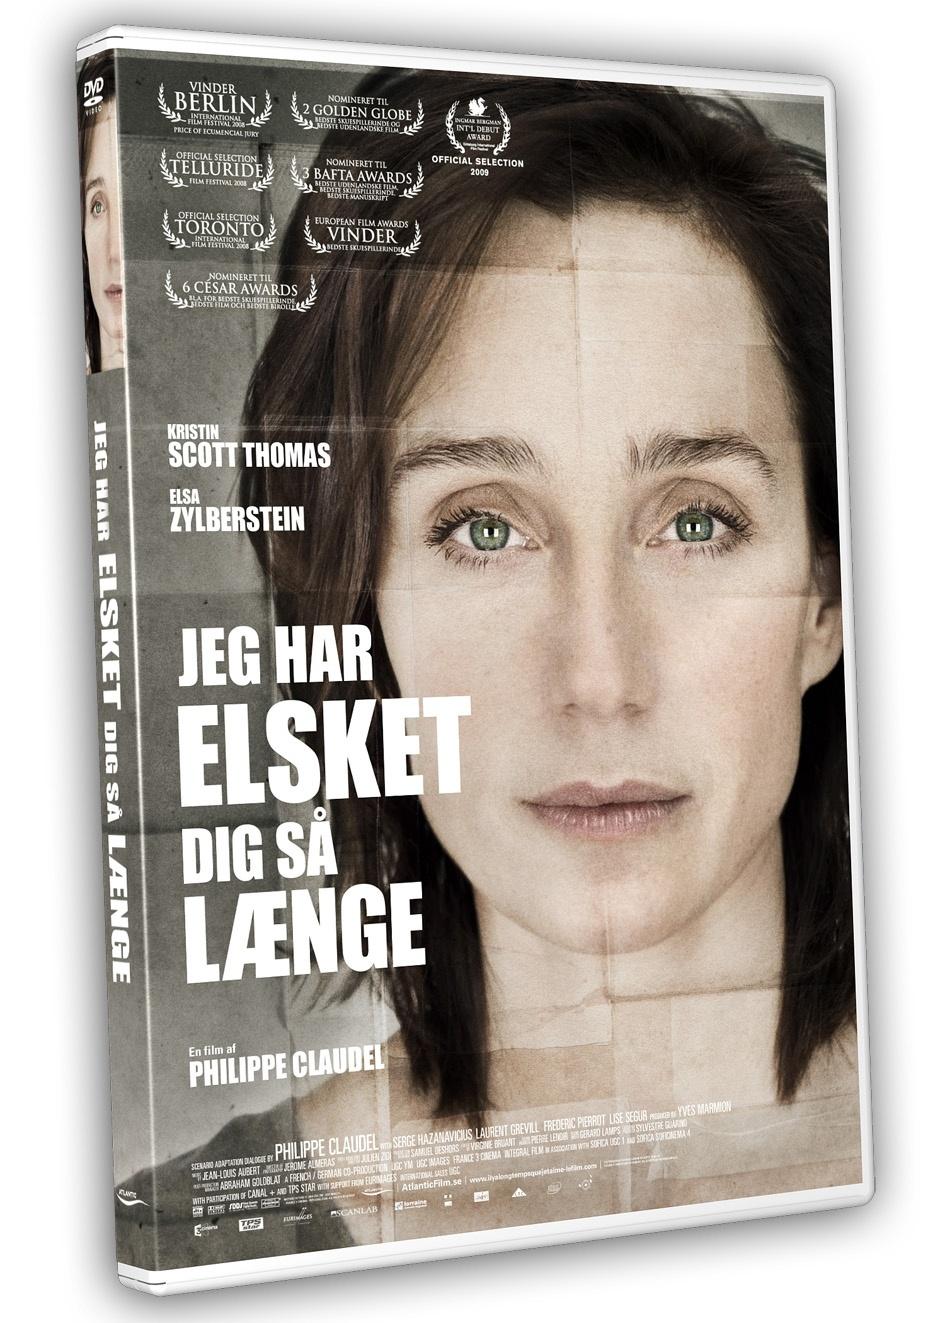 Jeg Har Elsket Dig Så Længe - Philippe Claudel - Film - ATLANTIC - 7319980069123 - 2008